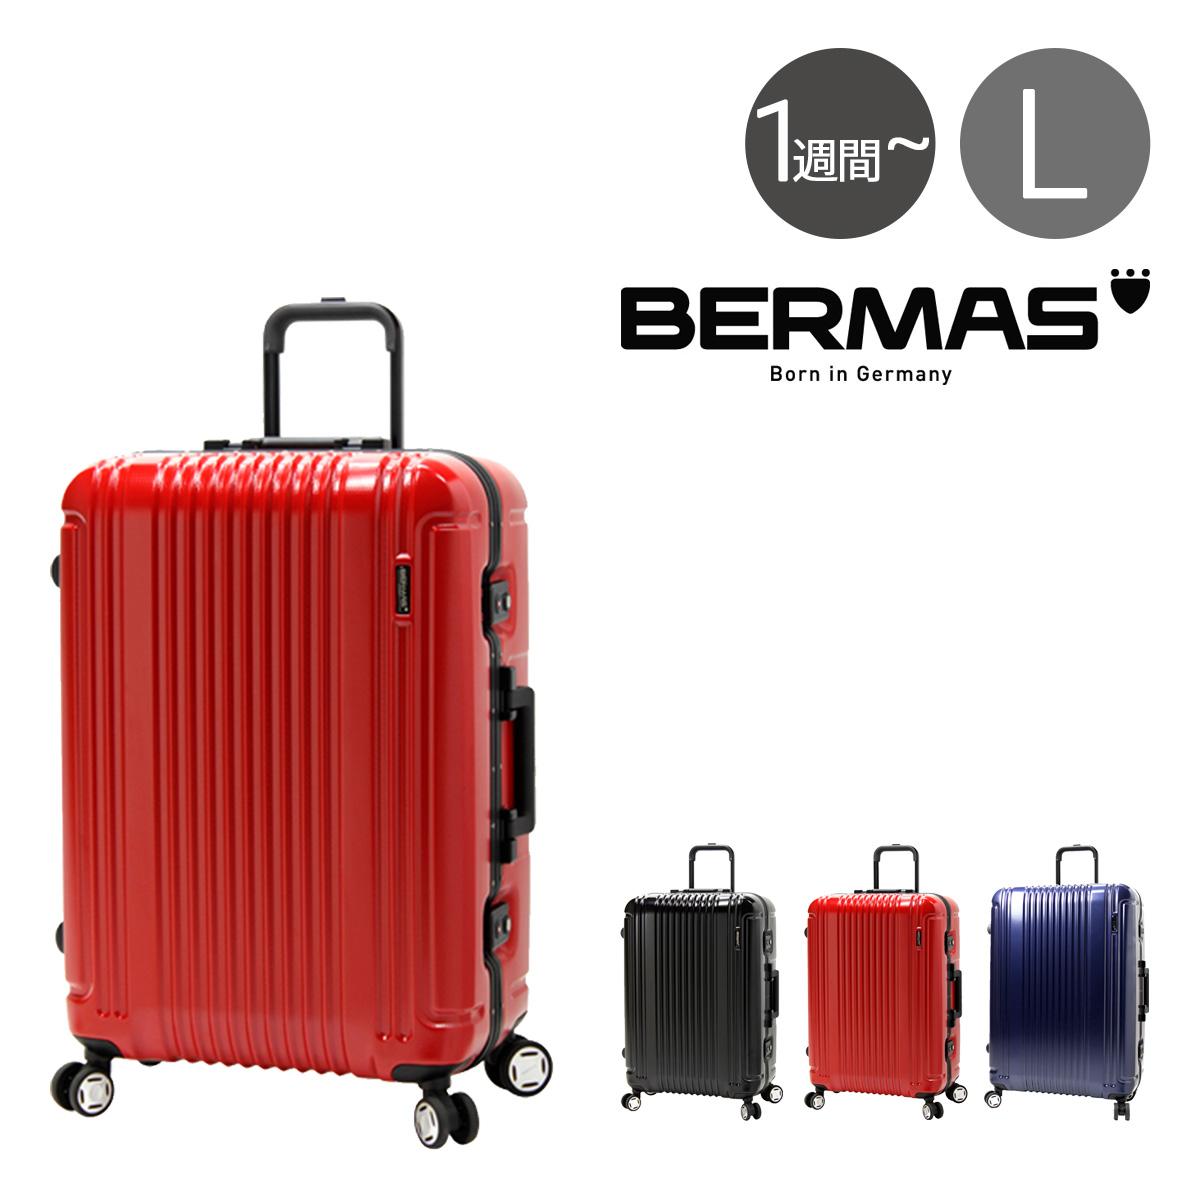 バーマス スーツケース 87L 67cm 5.4kg ハード フレーム プレステージIII メンズ レディース | 60282 BERMAS | キャリーケース TSAロック搭載 HINOMOTO【PO10】